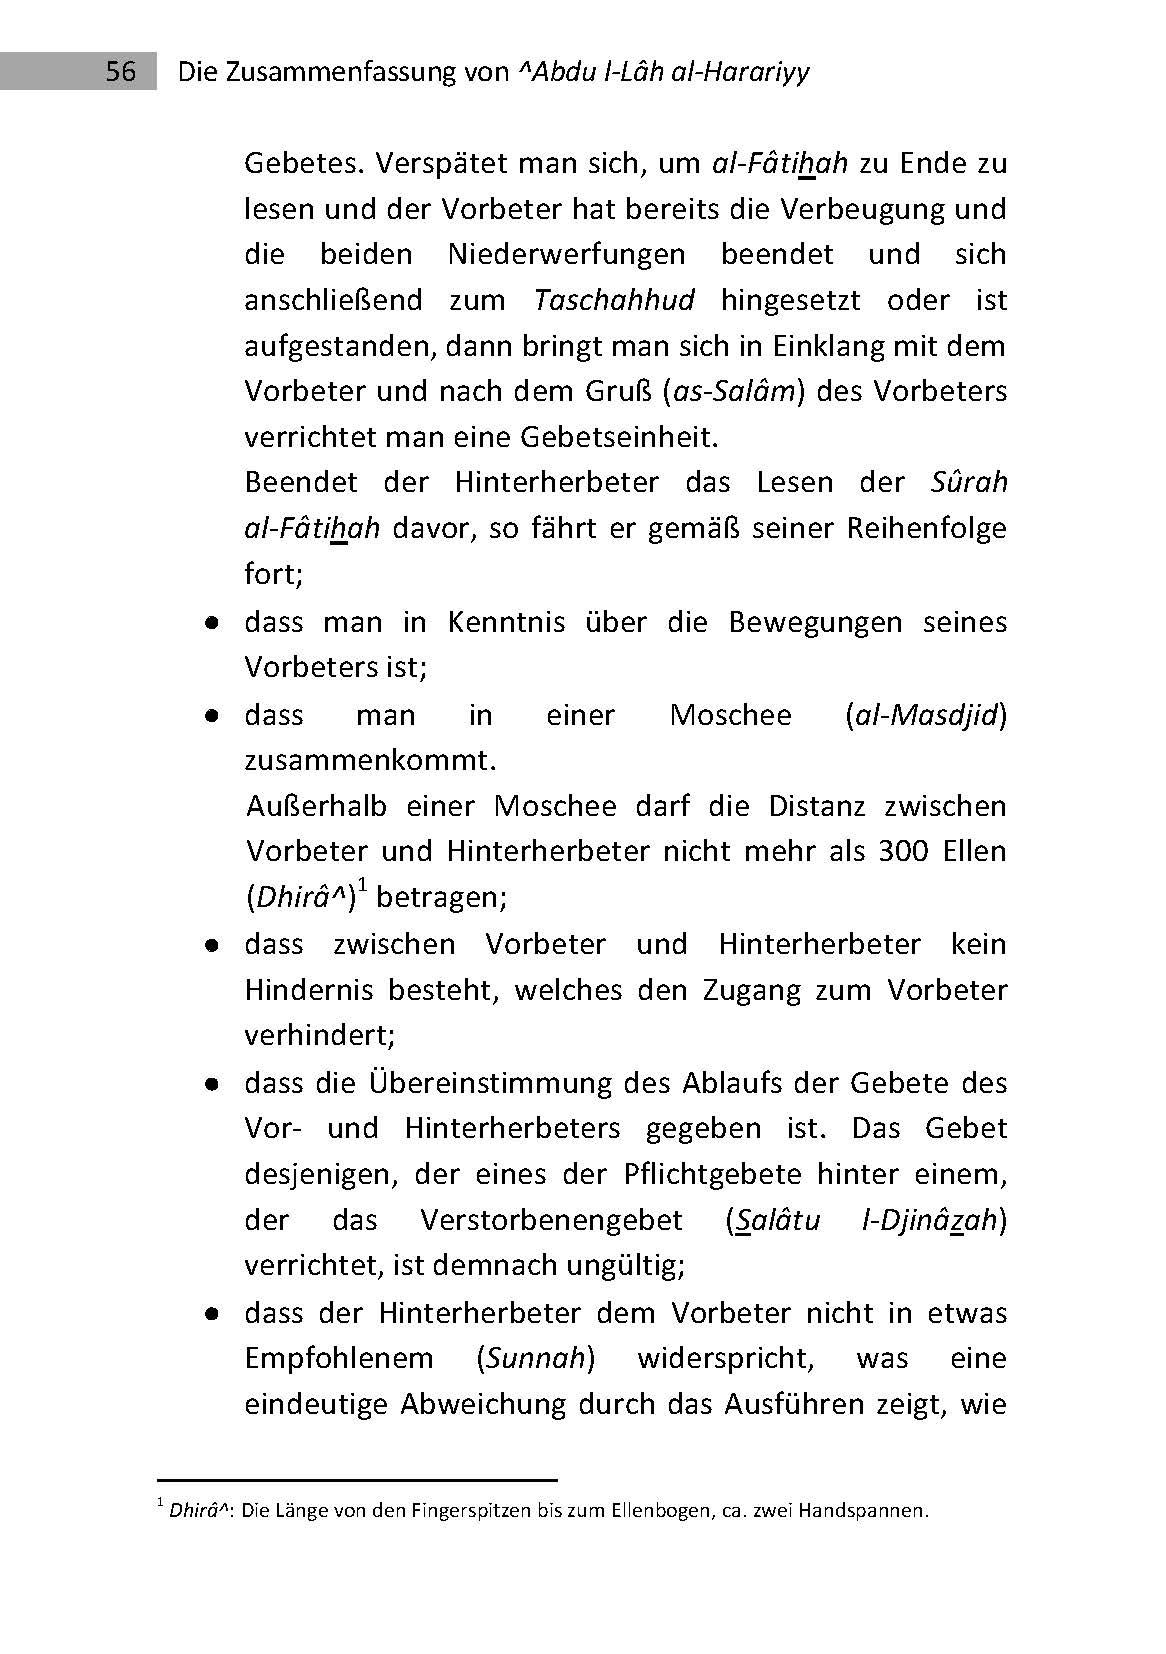 Die Zusammenfassung - 3. Auflage 2014_Seite_56